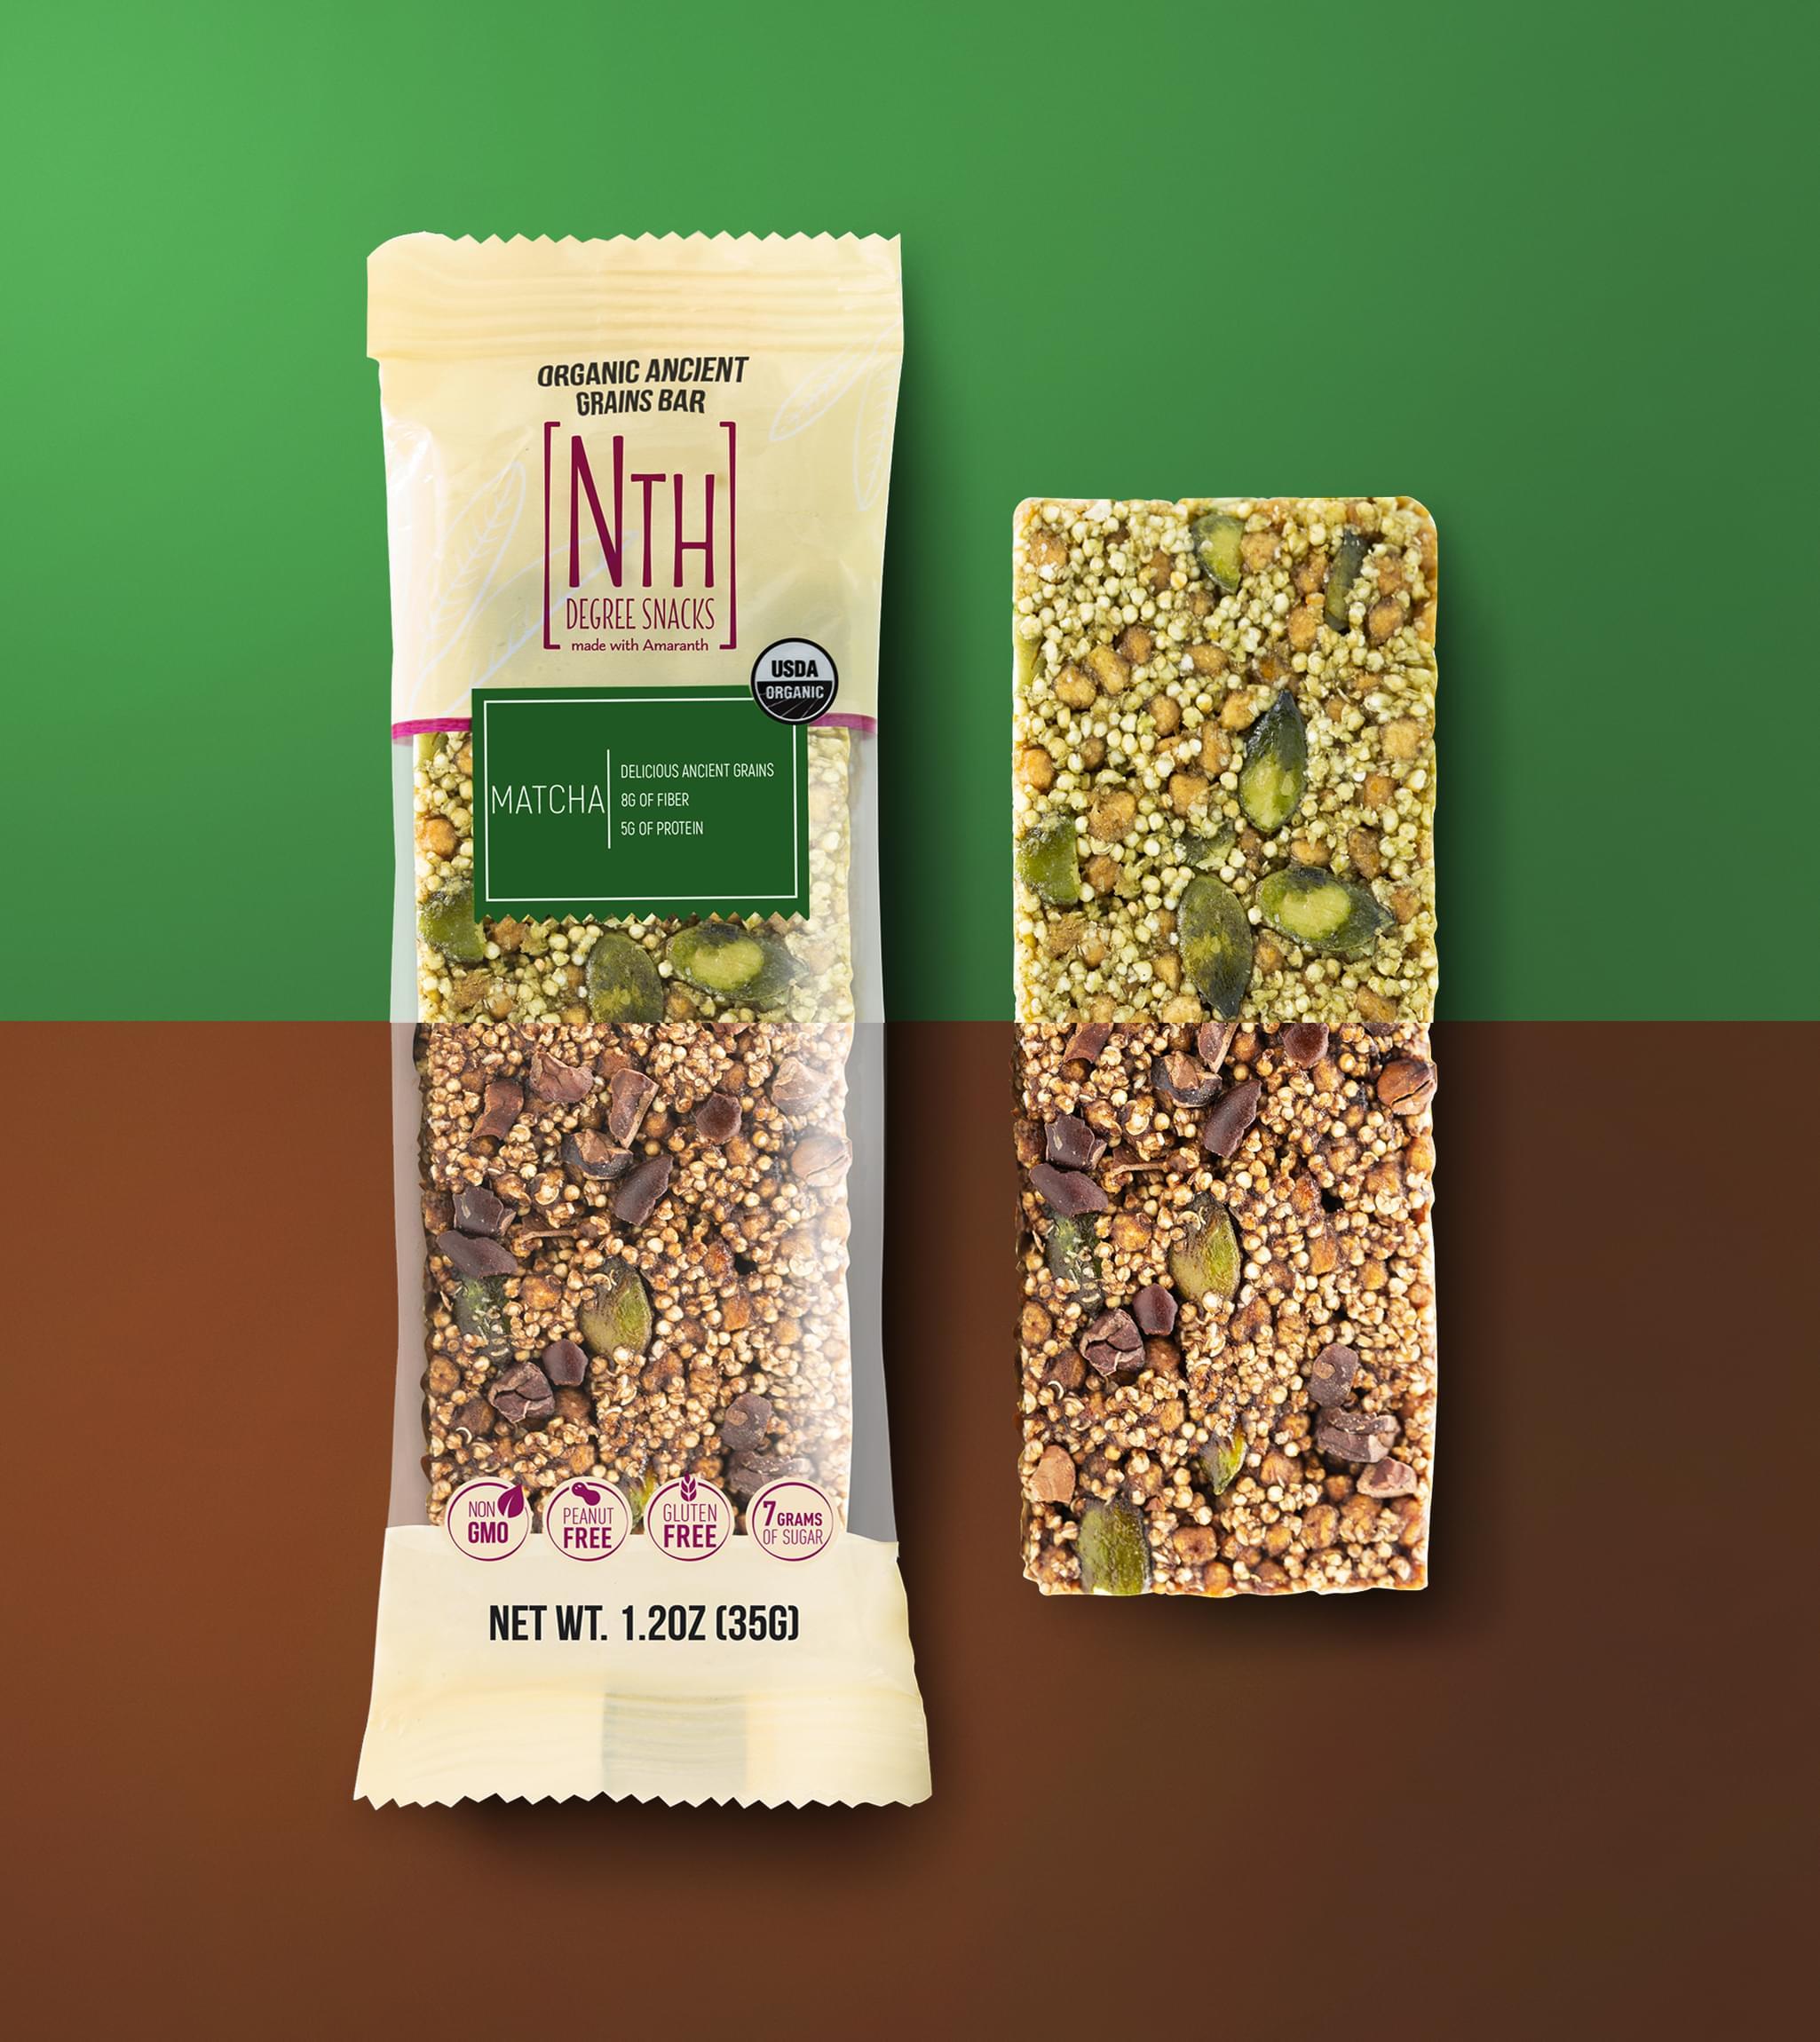 NTH DEGREE SNACKS Packaging